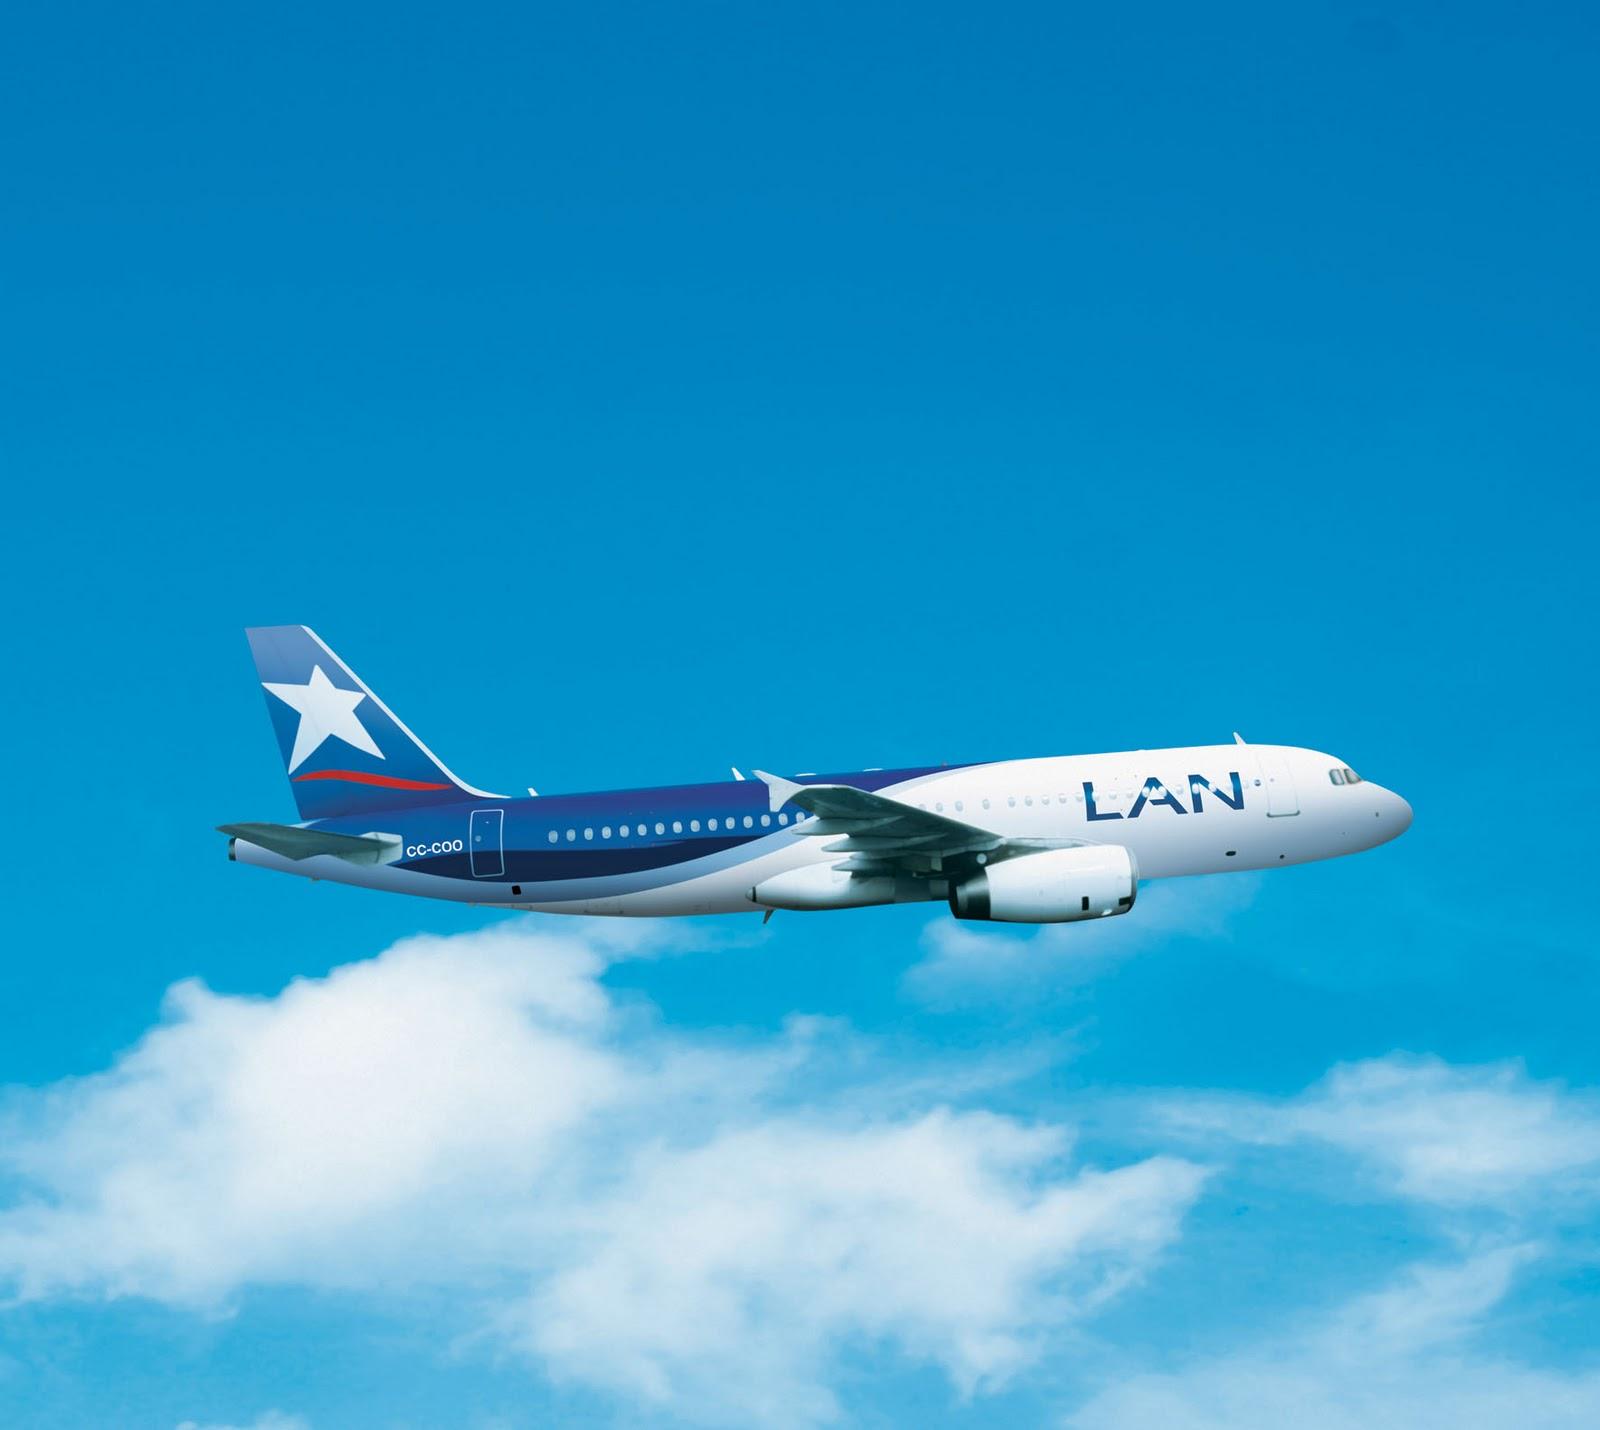 http://3.bp.blogspot.com/_0wxh6a2P3k8/TL1puT1-SzI/AAAAAAAAACg/7wsoWFfpuH0/s1600/foto+avion100.jpg